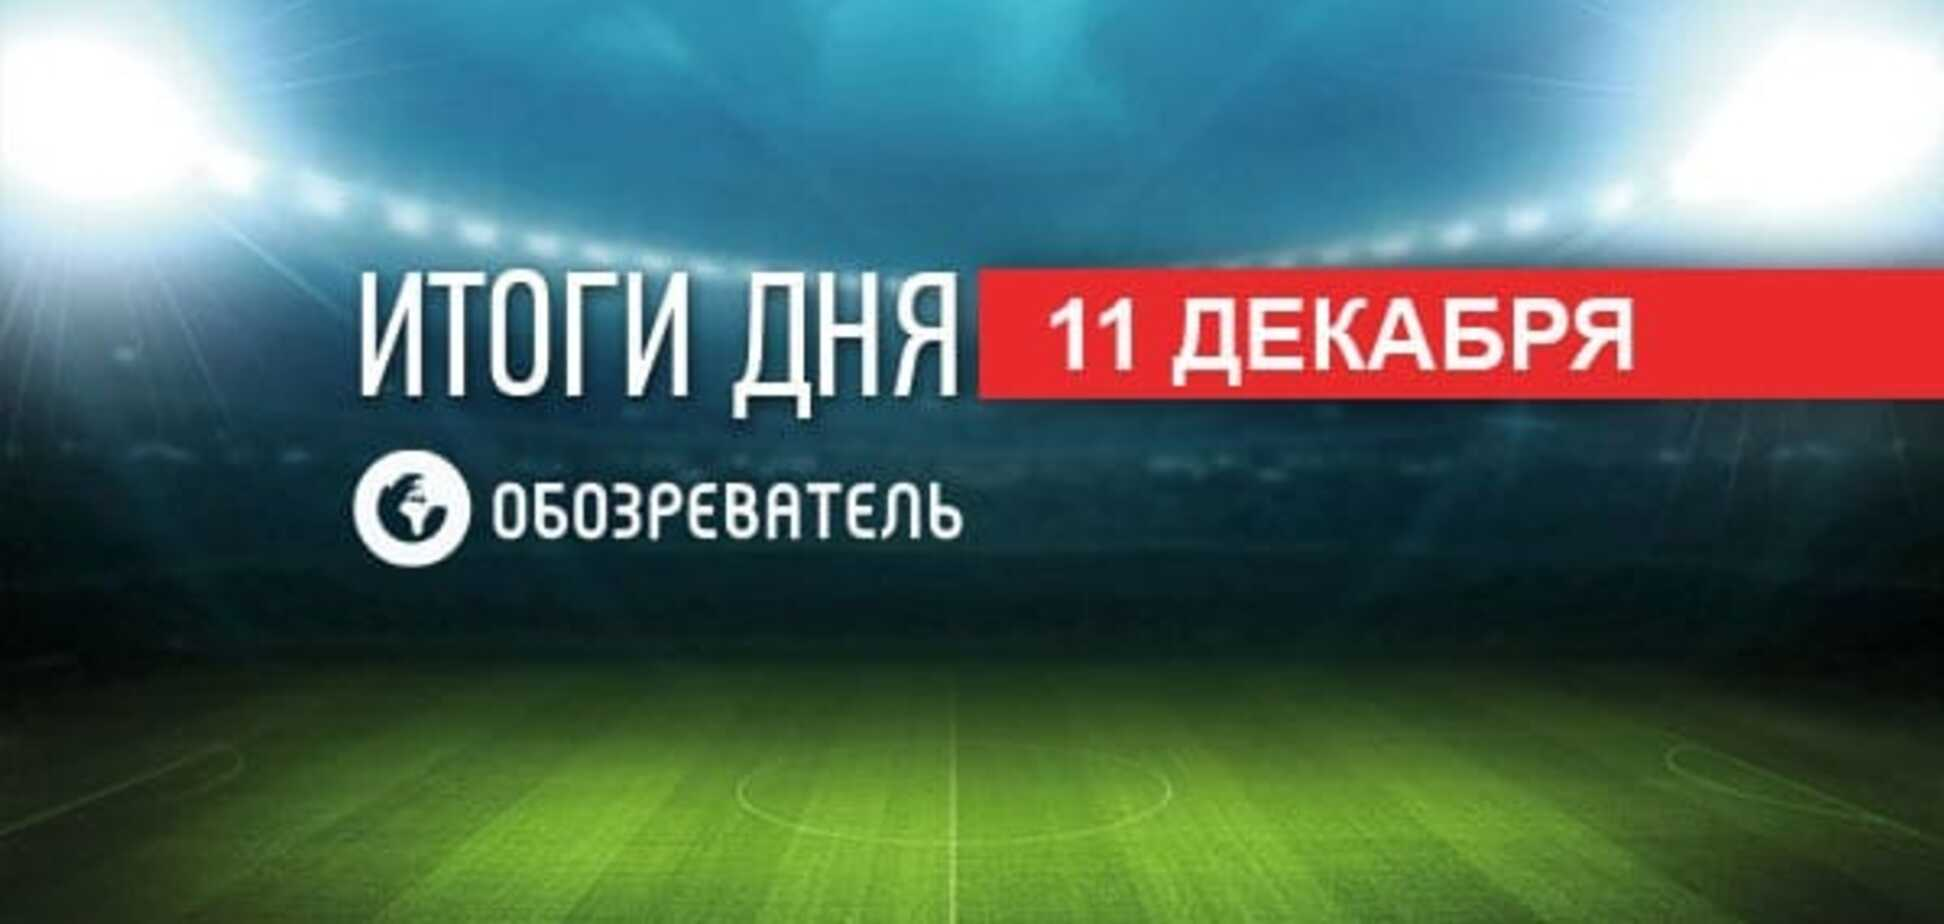 Коломойський прийняв рішення по 'Дніпру'. Спортивні підсумки 11 грудня